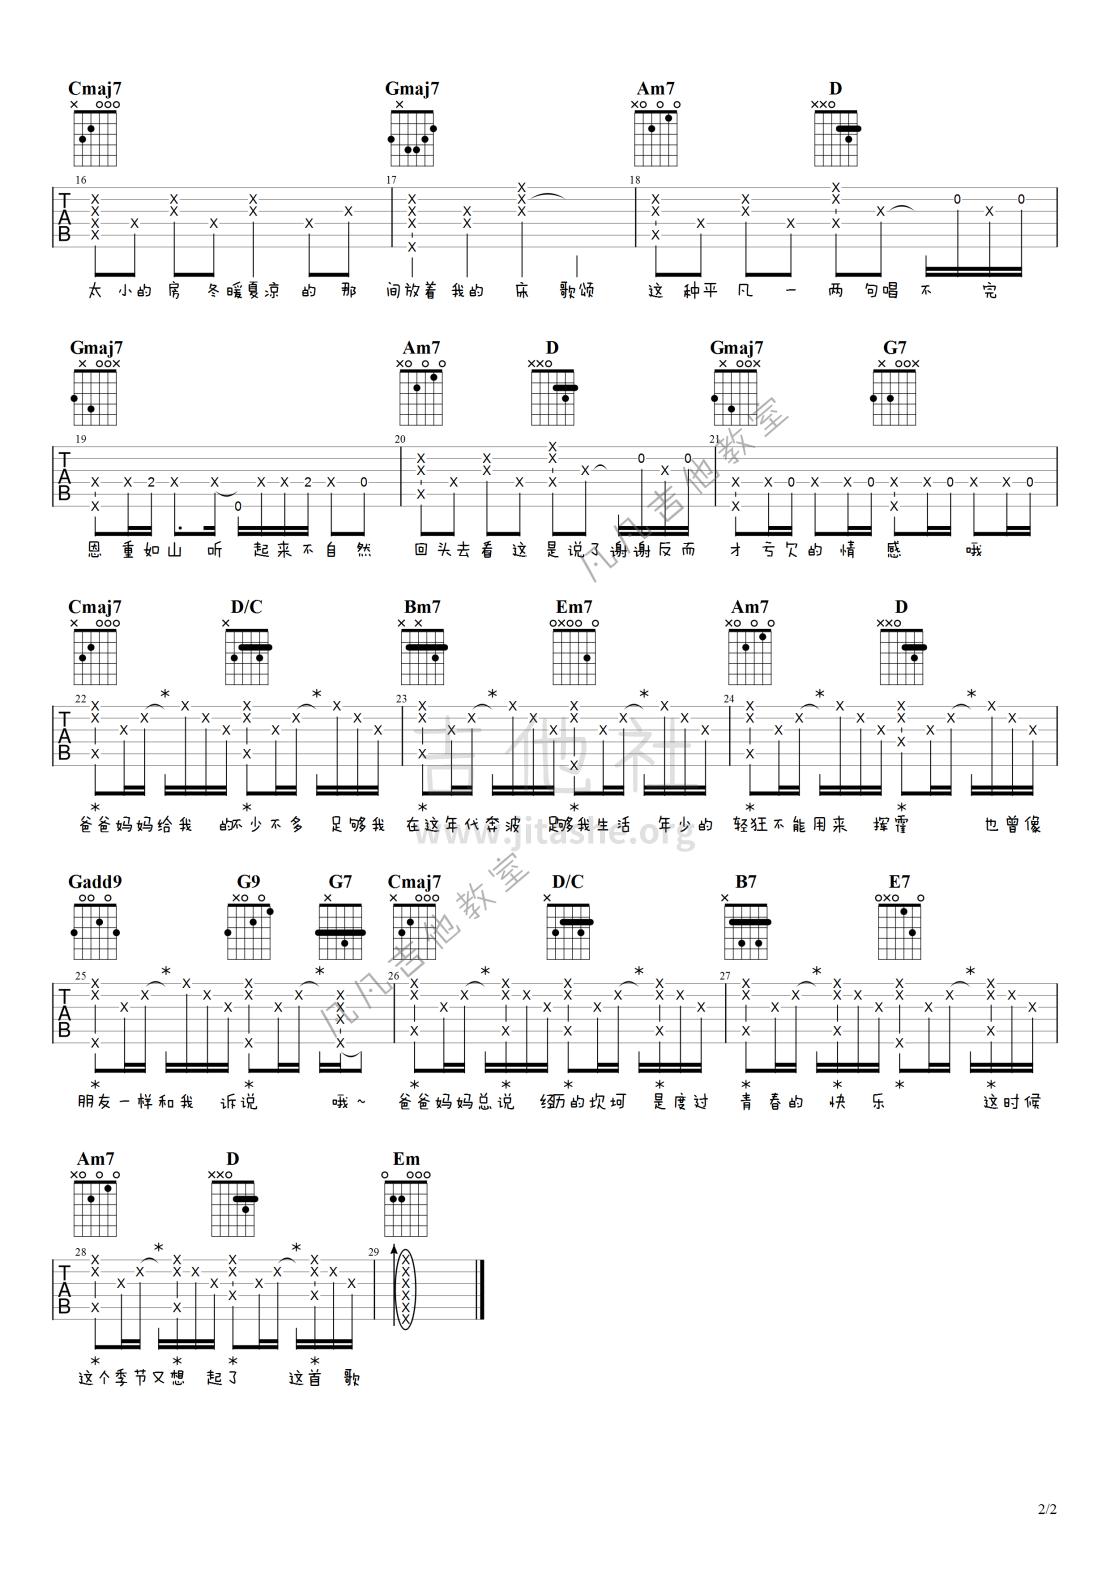 爸爸妈妈吉他谱(图片谱,弹唱)_李荣浩_爸爸妈妈#2.png